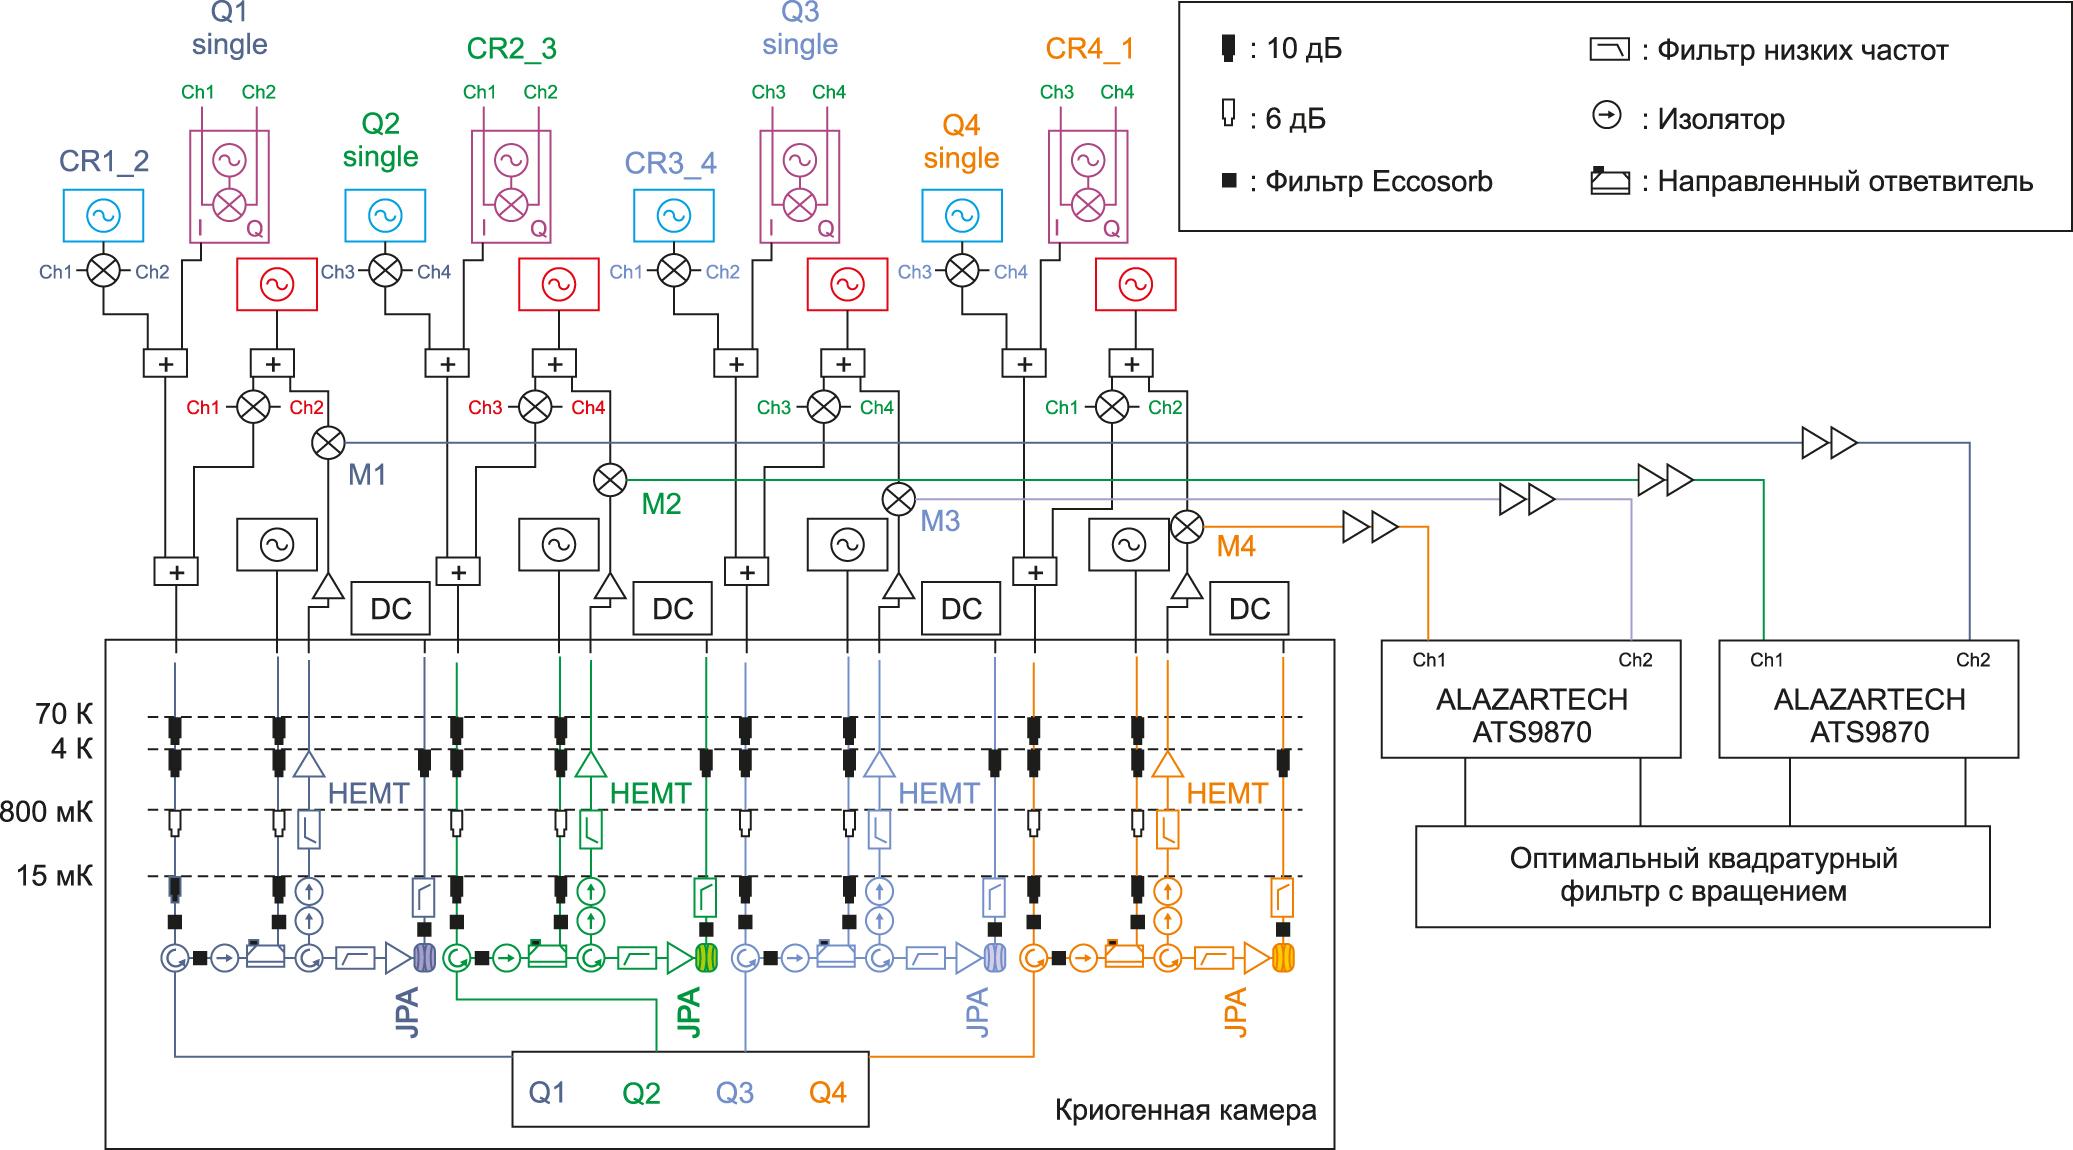 Упрощенная структурная схема квантового процессора